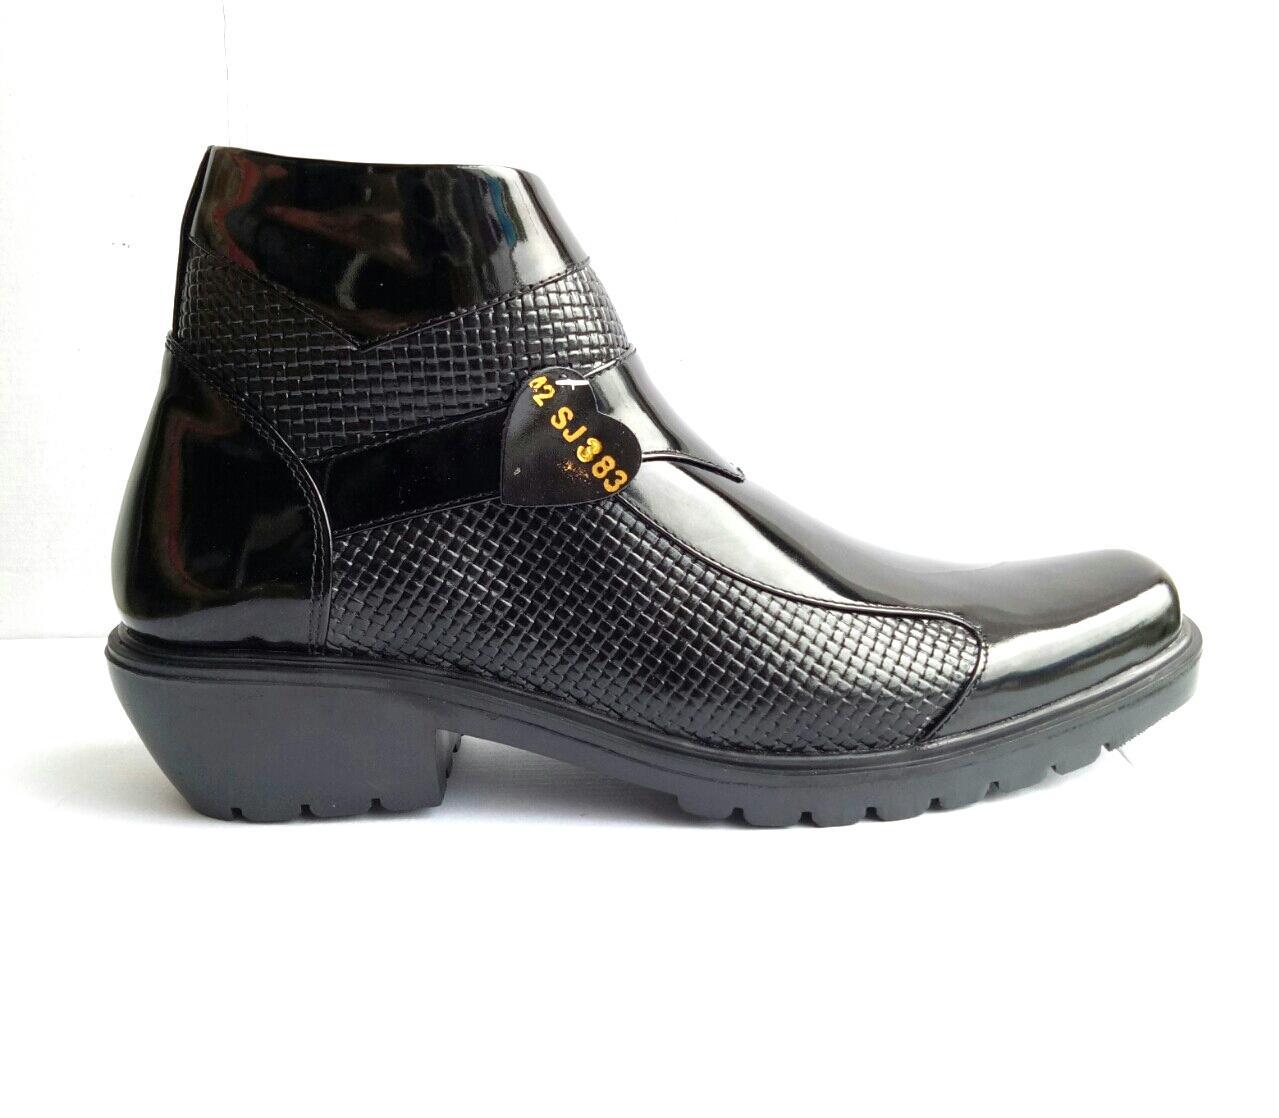 mandiens sepatu boots jenggel kulit asli original medali pdh k.383 export quality